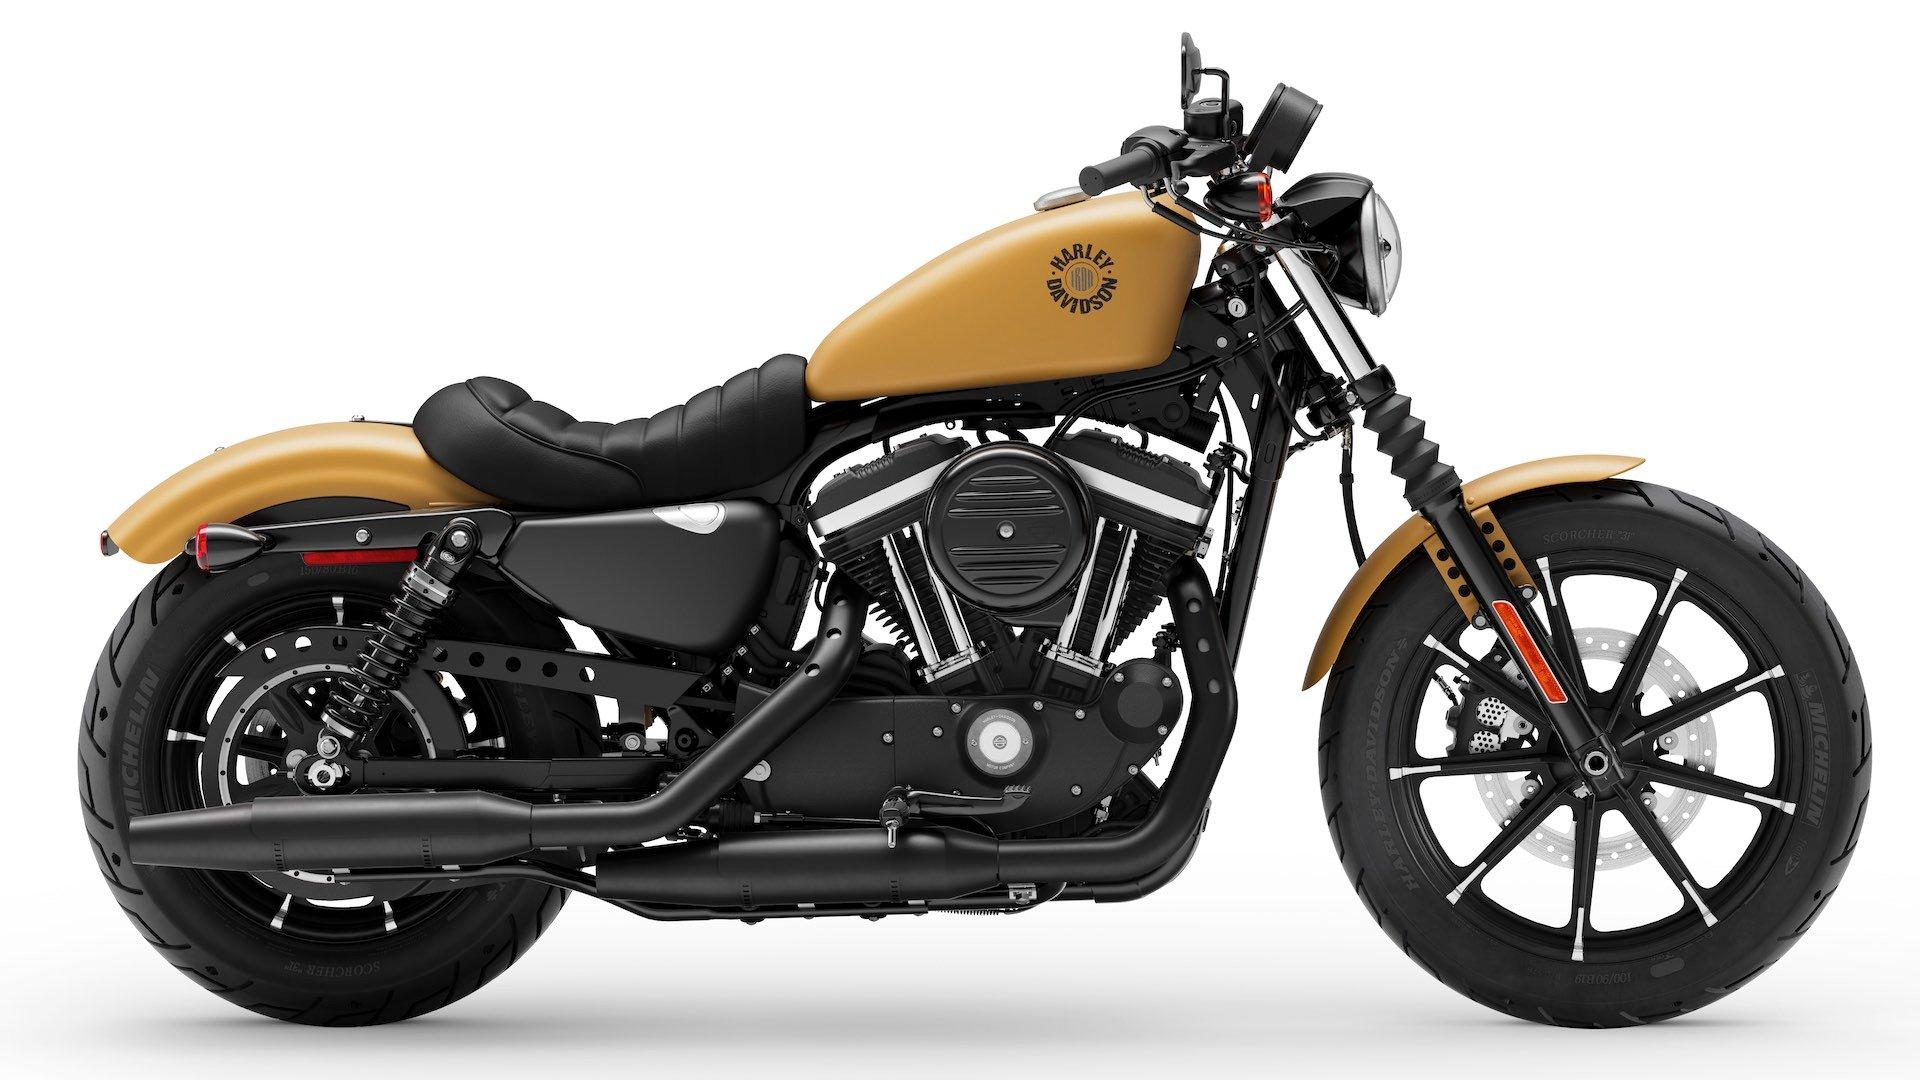 Best Beginner Cruiser Motorcycle >> Dirty Dozen 12 Great 2019 Cruiser Motorcycles Under 10 000